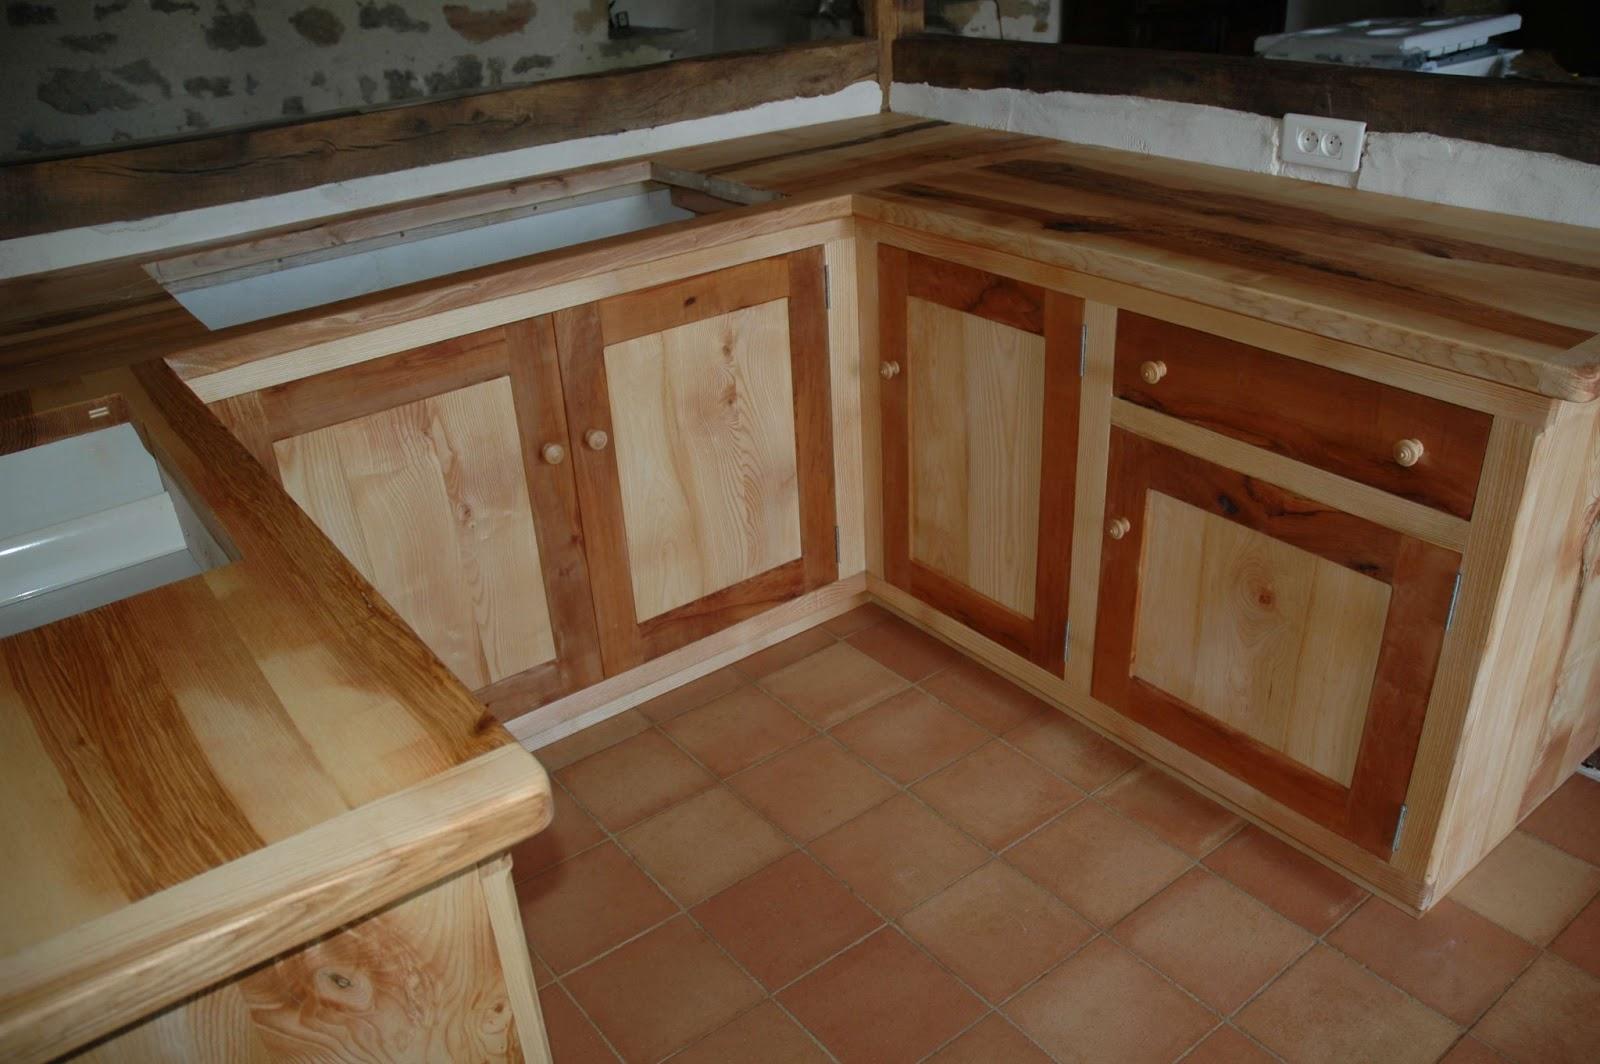 la maison d 39 apr s du nouveau dans la cuisine. Black Bedroom Furniture Sets. Home Design Ideas